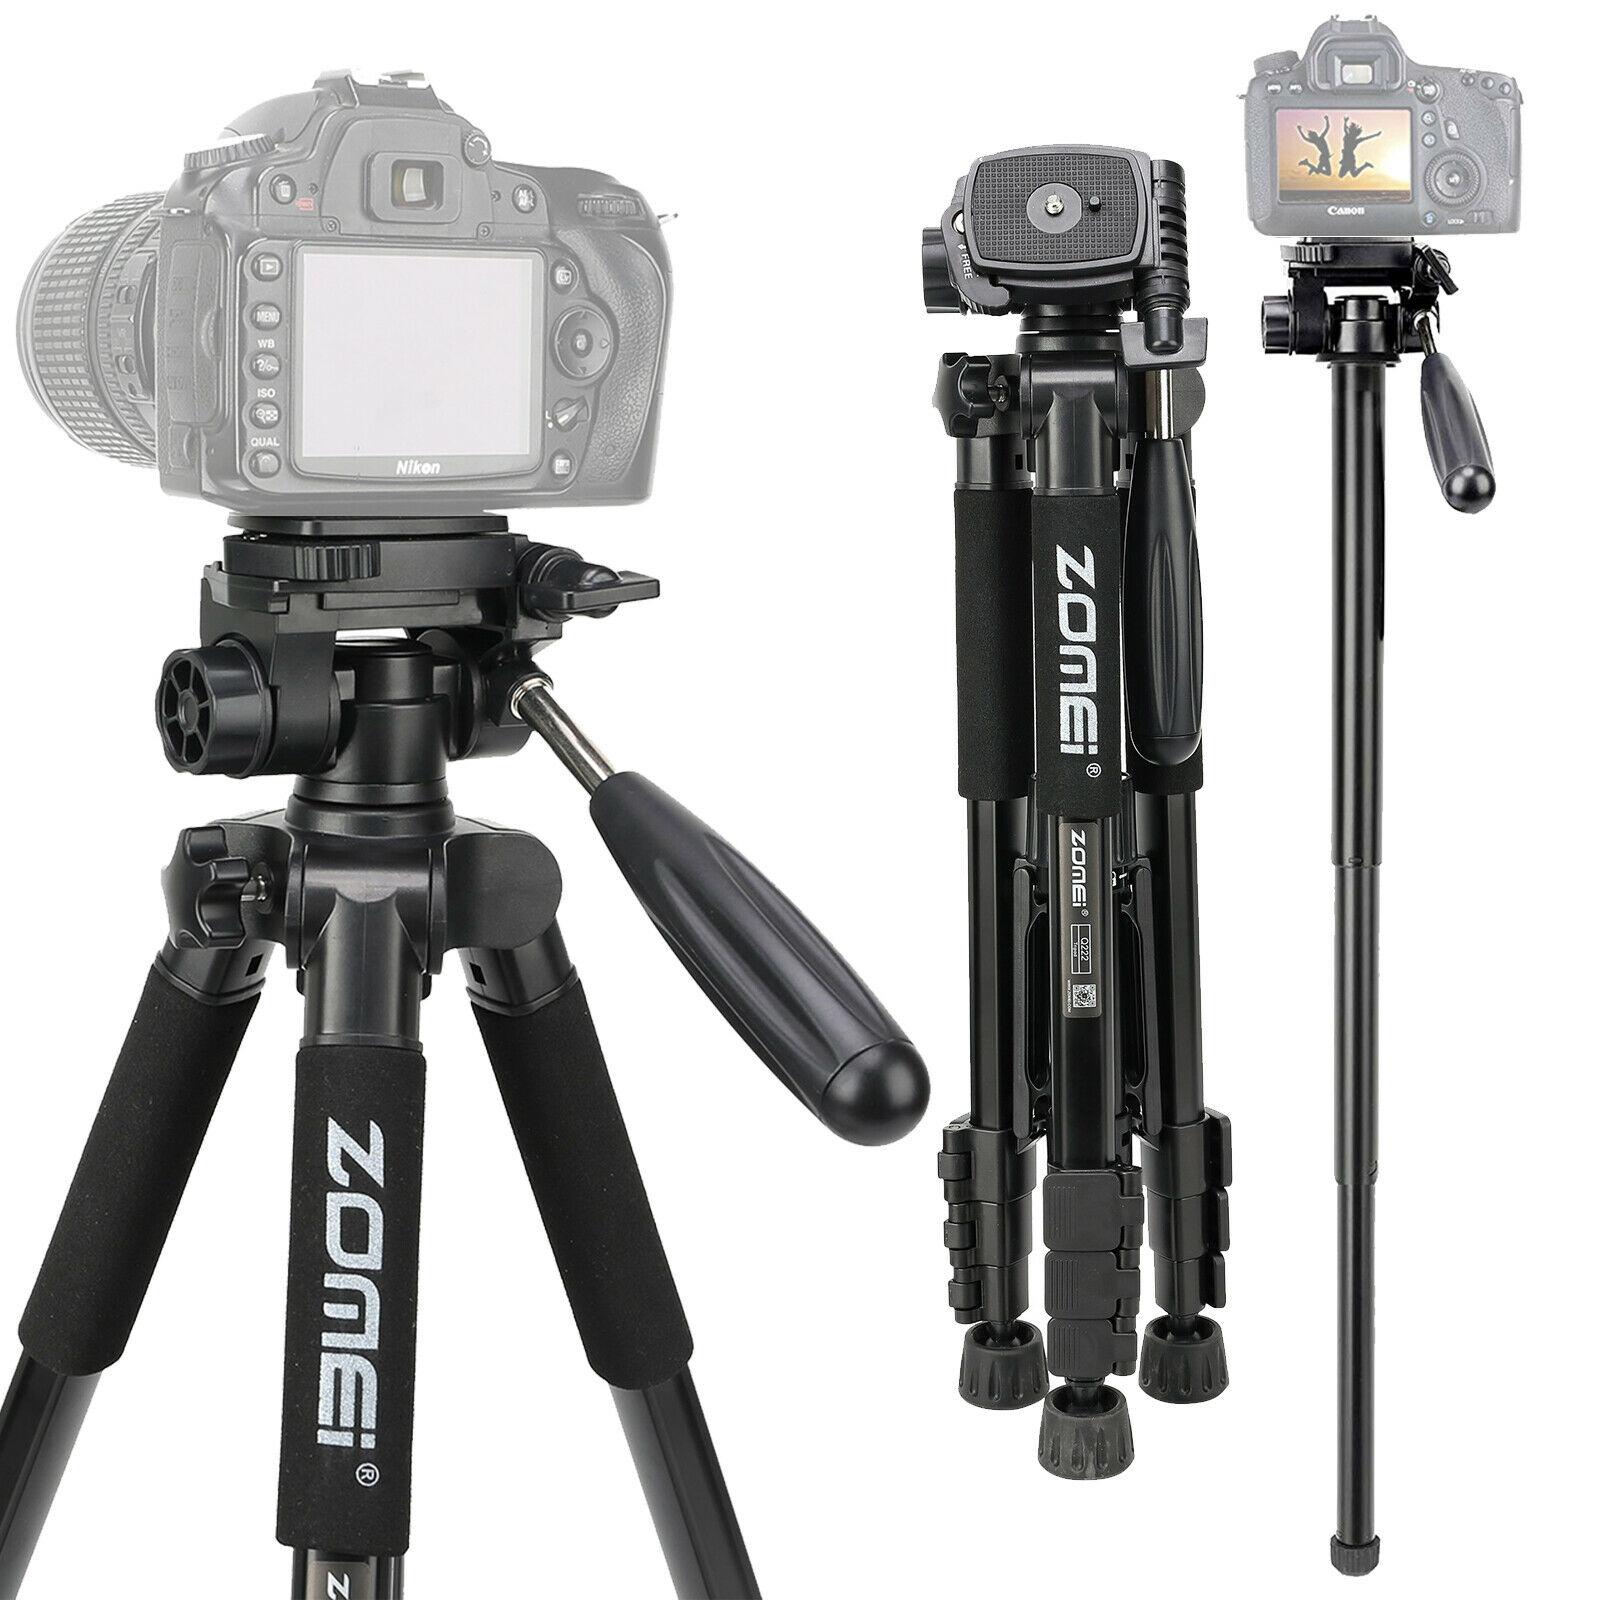 Q222 Pro Portable Camera Tripod Monopod Head